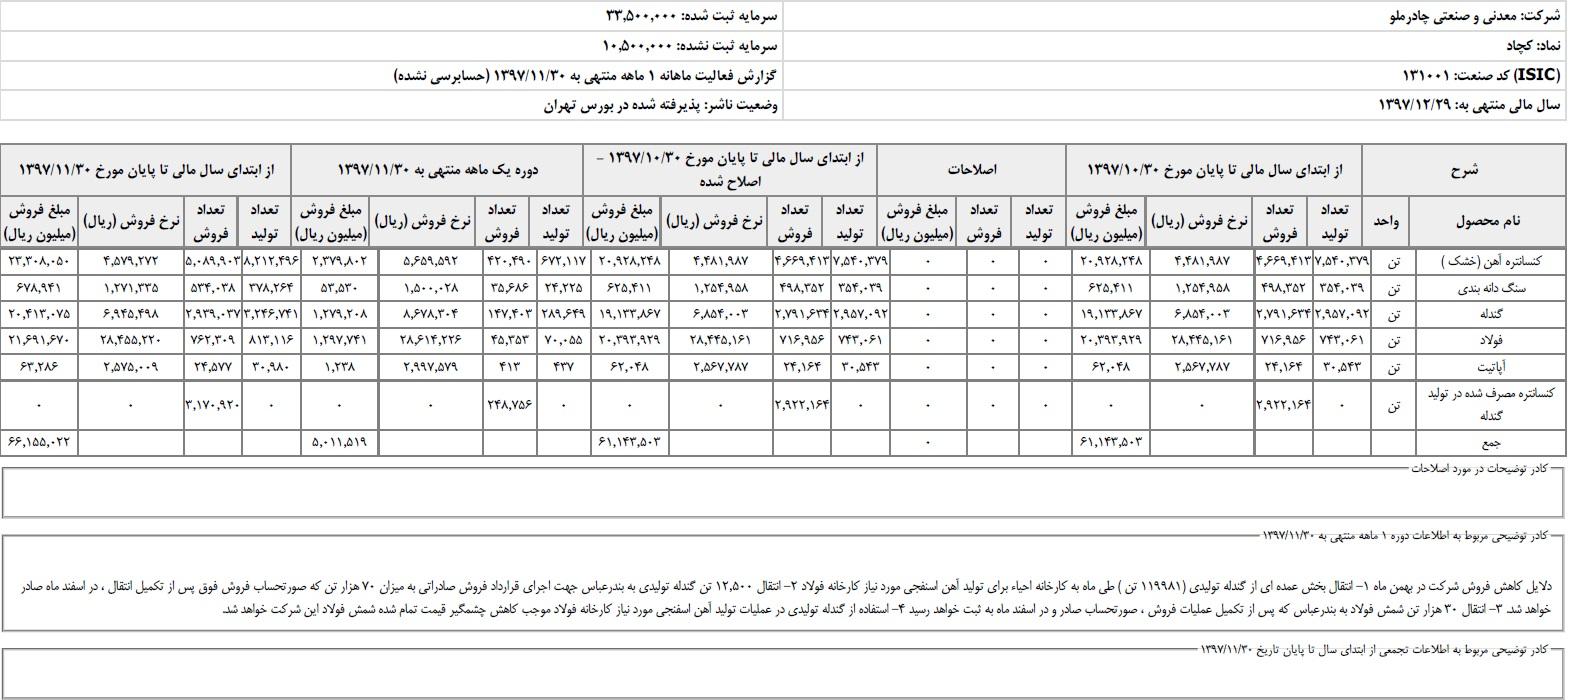 رشد 125 درصدی درآمد چادرملو تا پایان بهمن ماه/ فروش فولاد چادرملو به بیش از 760 هزار تن رسید